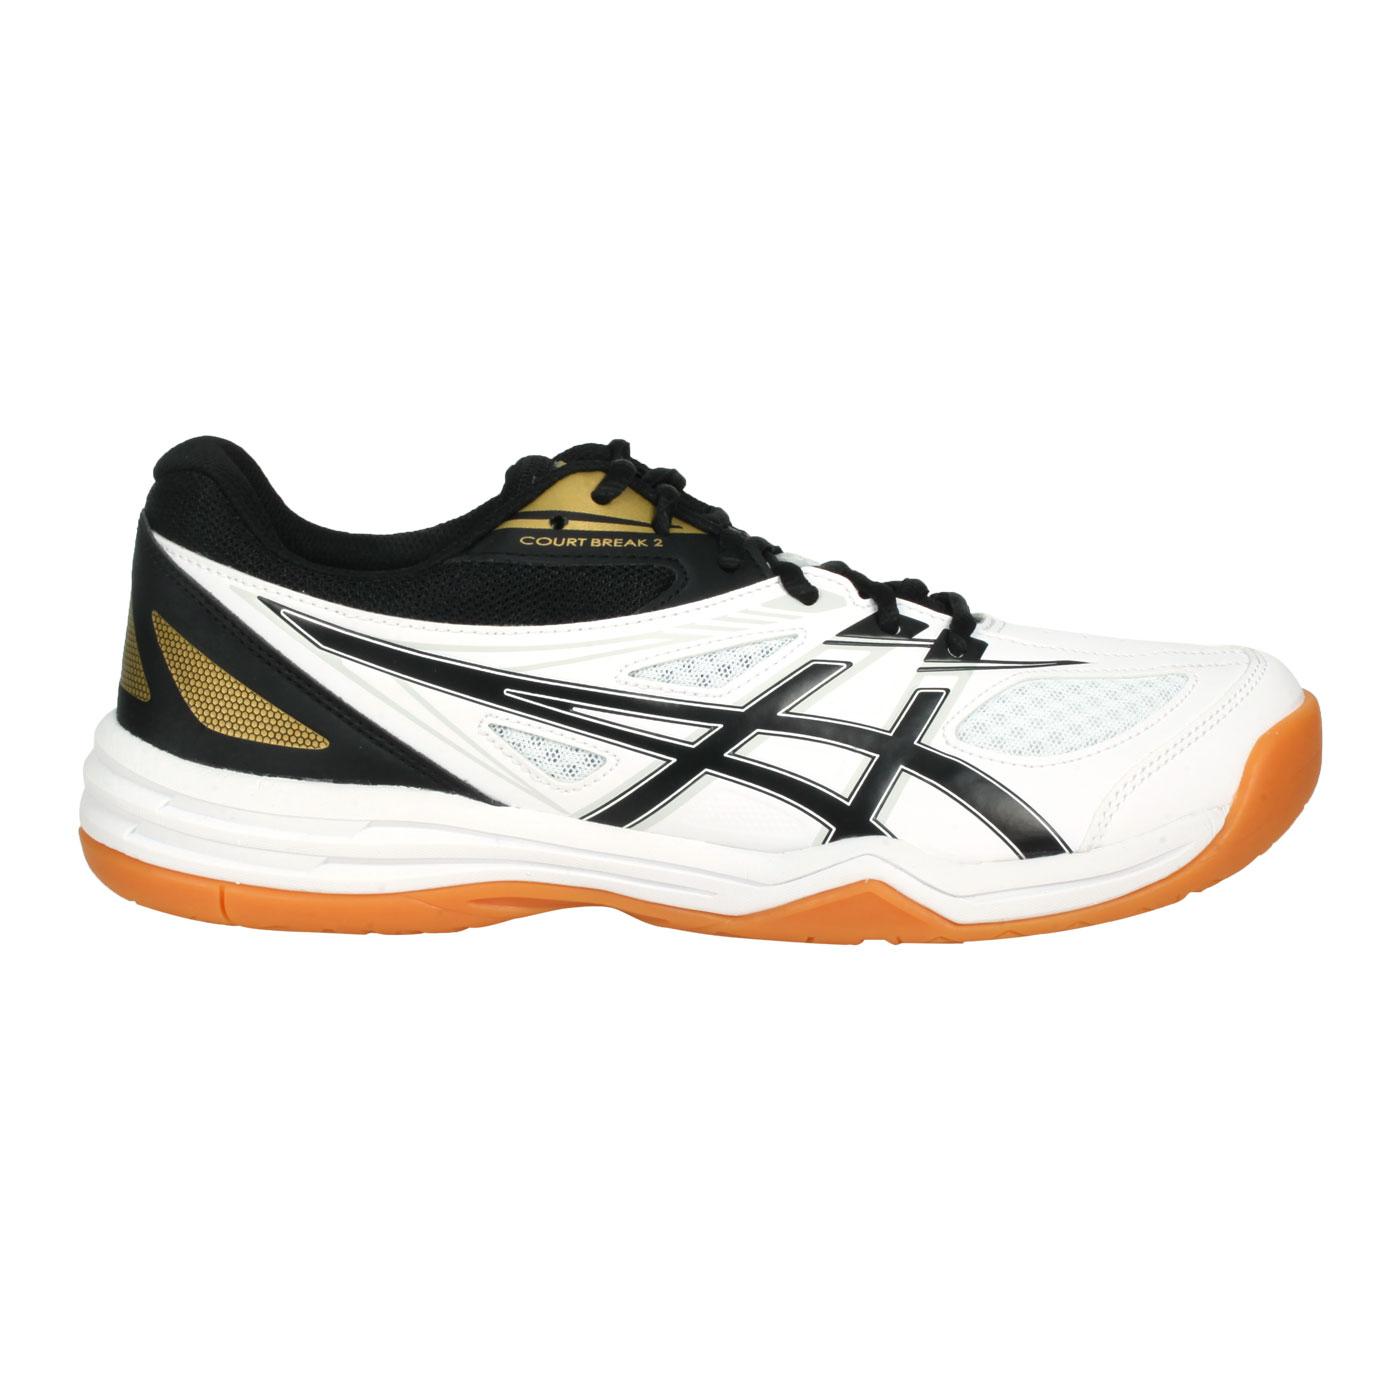 ASICS 男款羽球鞋  @COURT BREAK 2@1073A013-102